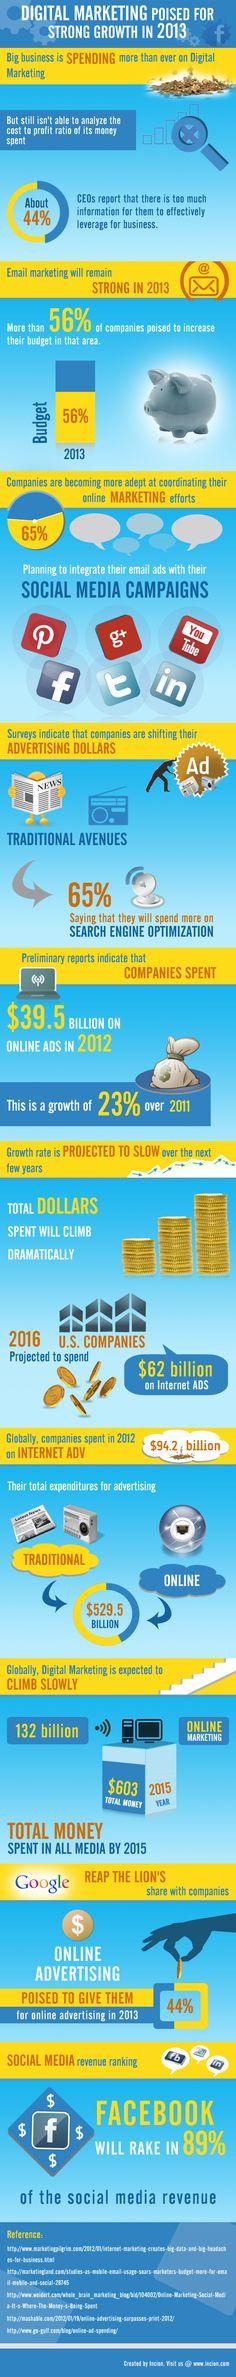 Growth of digital marketing in 2013